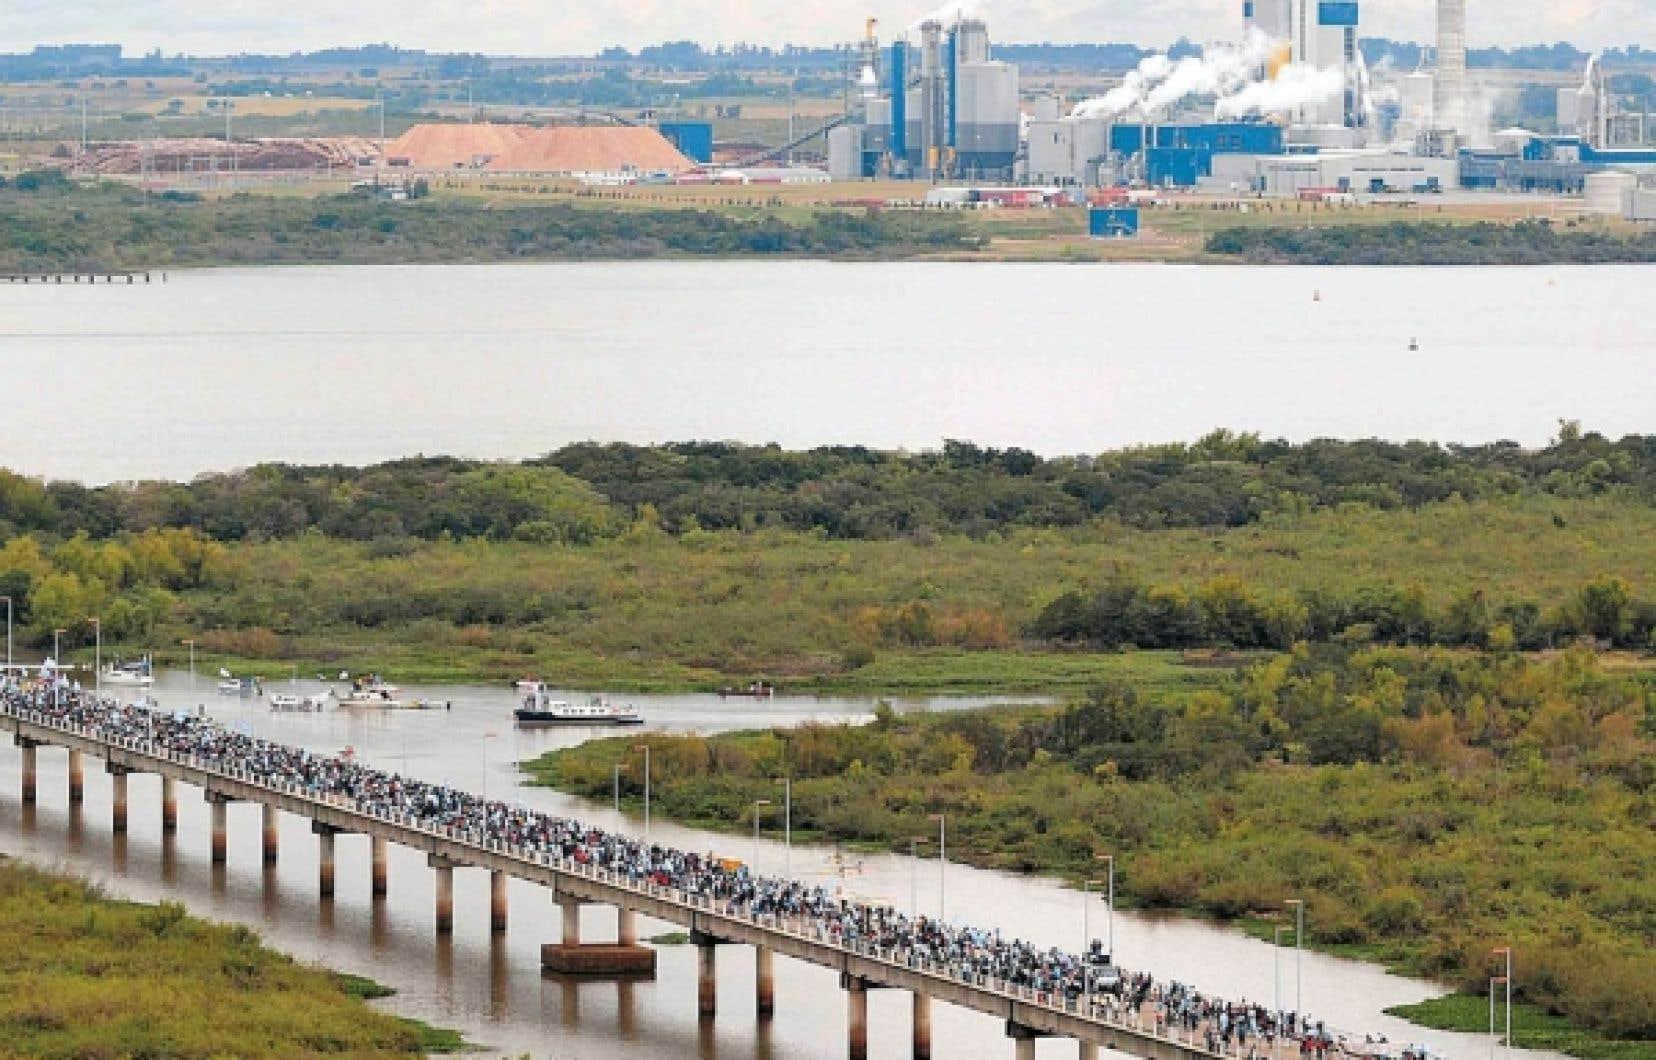 En 2005, l'Uruguay a accordé un permis de construction à une papetière sur le fleuve Uruguay, sans consulter l'Argentine, qui partage ce cours d'eau. Des manifestants argentins ont marché hier pour dénoncer la décision de la Cour internationale de Justice de ne pas faire cesser les activités de la papetière.